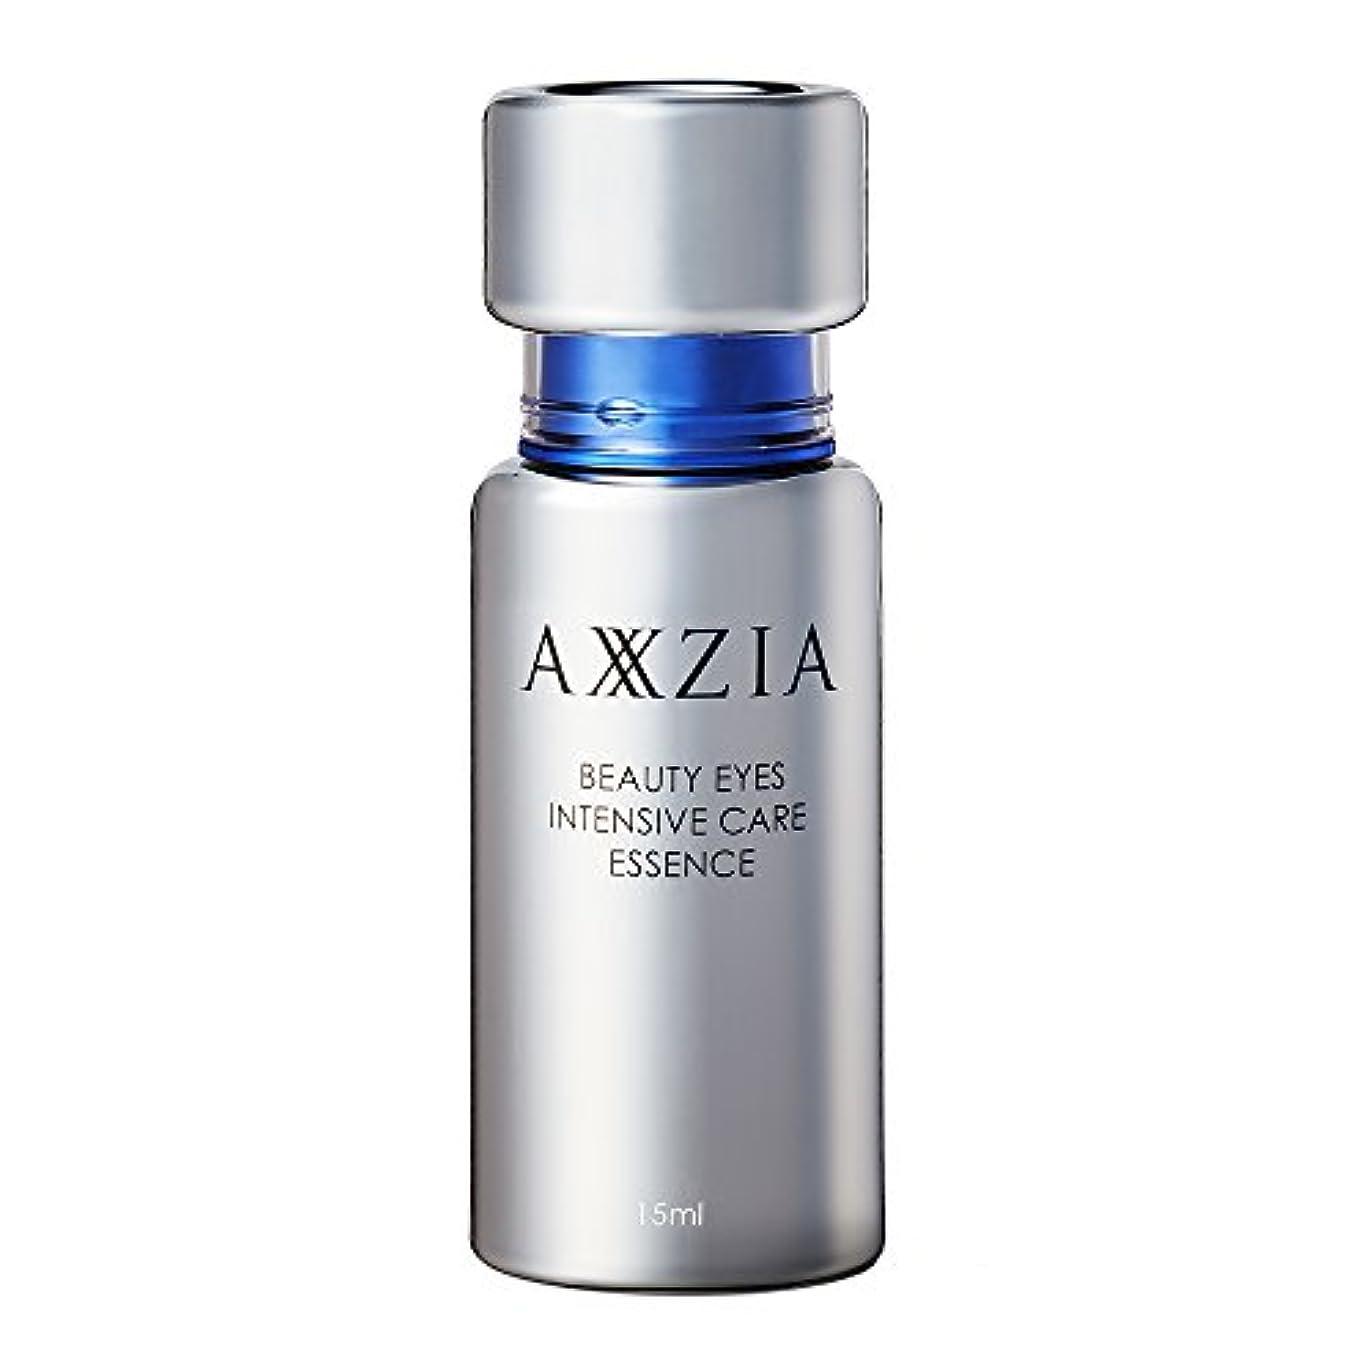 パーク巨大なつかの間アクシージア (AXXZIA) ビューティアイズ インテンシブ ケア エッセンス 15mL | 目元美容液 目の下のたるみ 化粧品 解消 目元のたるみ